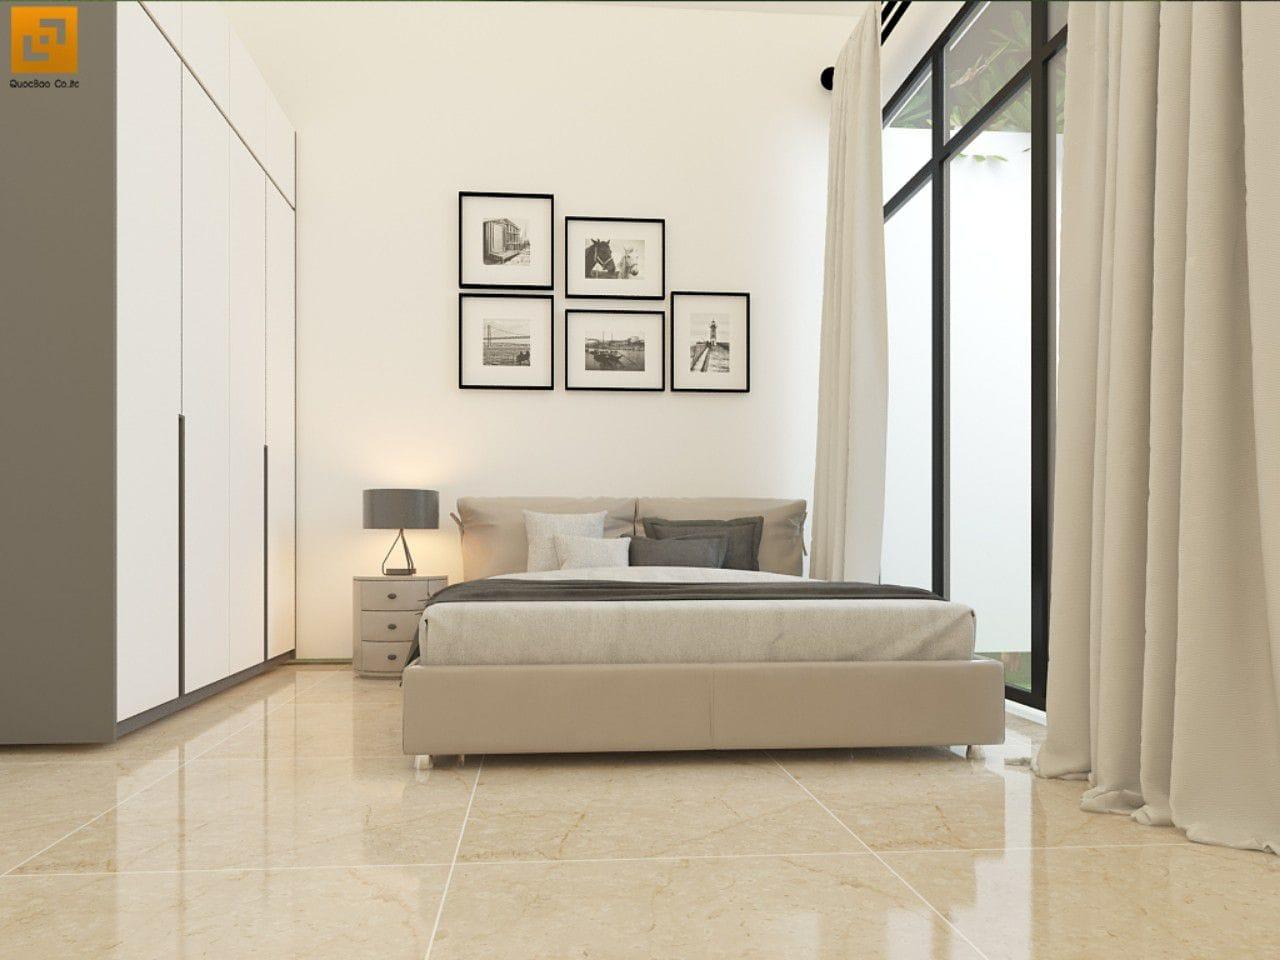 Nội thất phòng ngủ nhà phố gia đình anh Giang - Biên Hòa